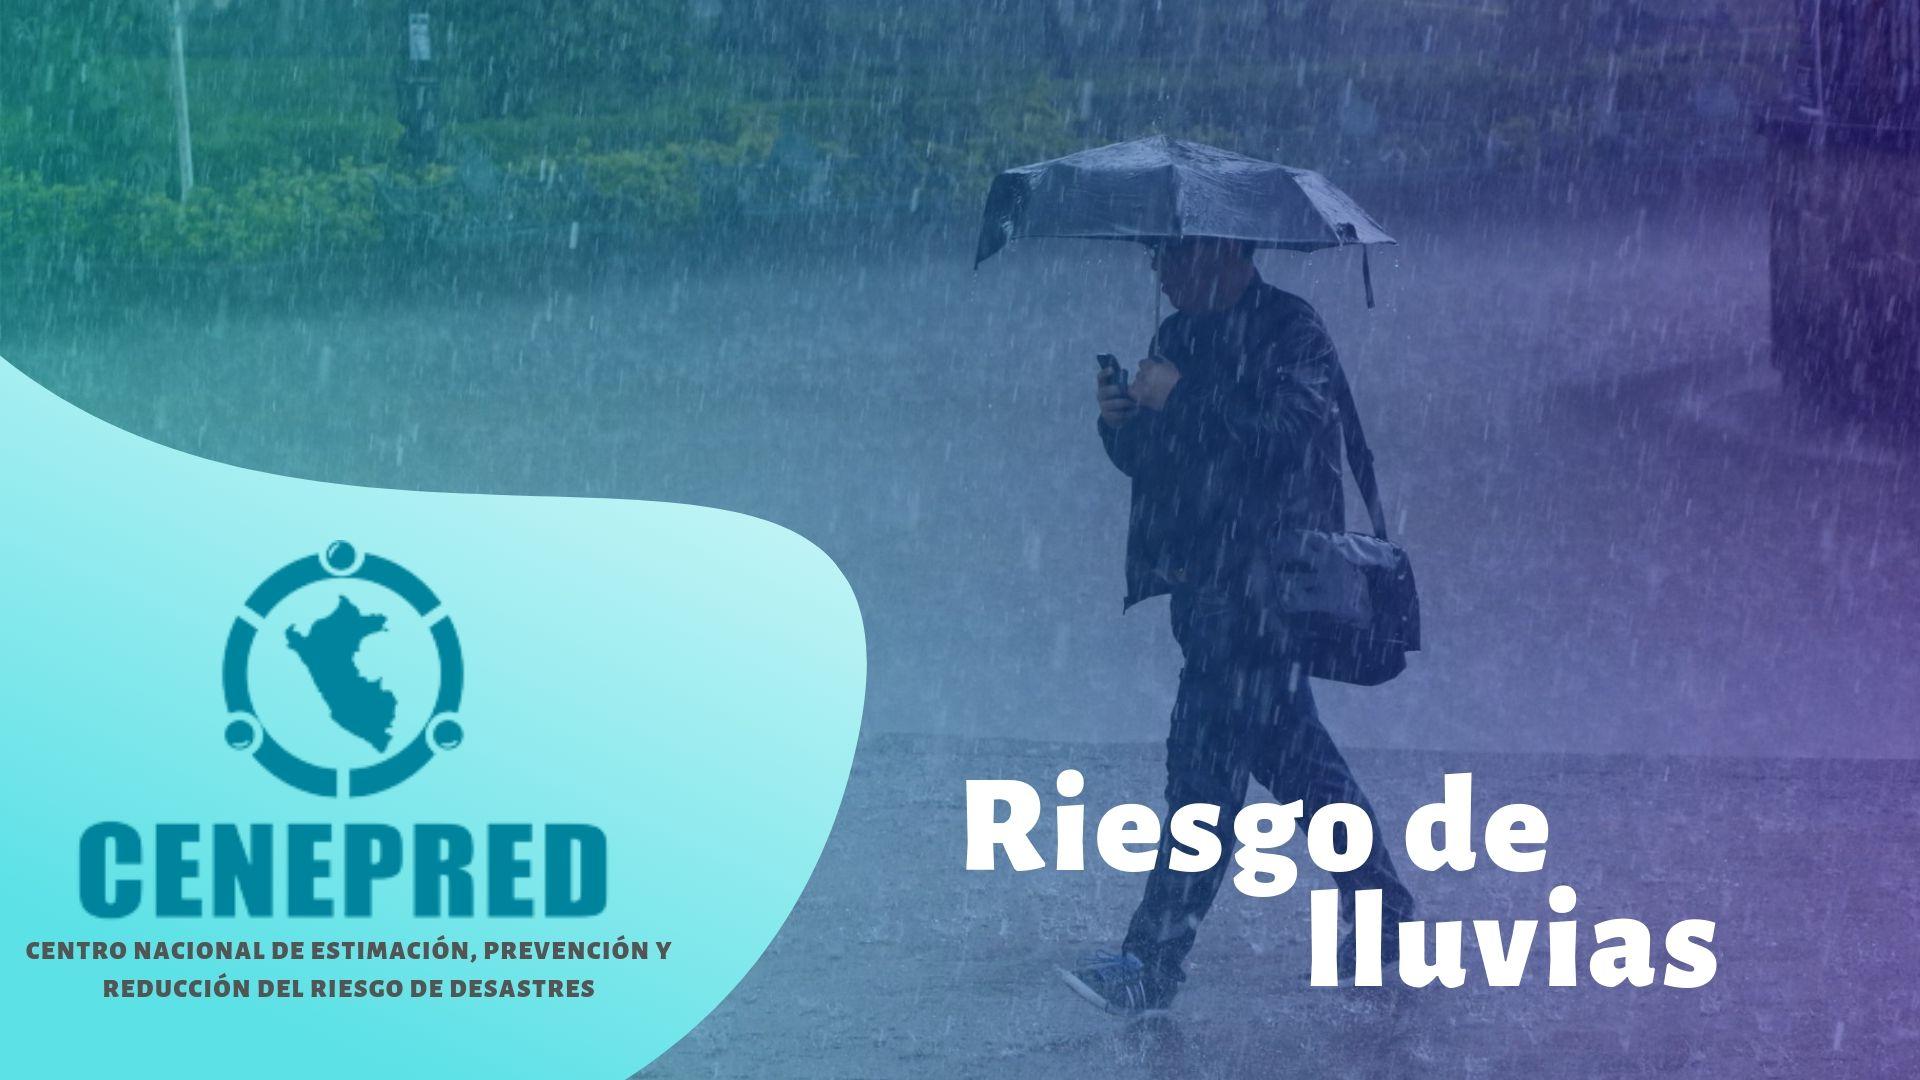 Riesgo de lluvias